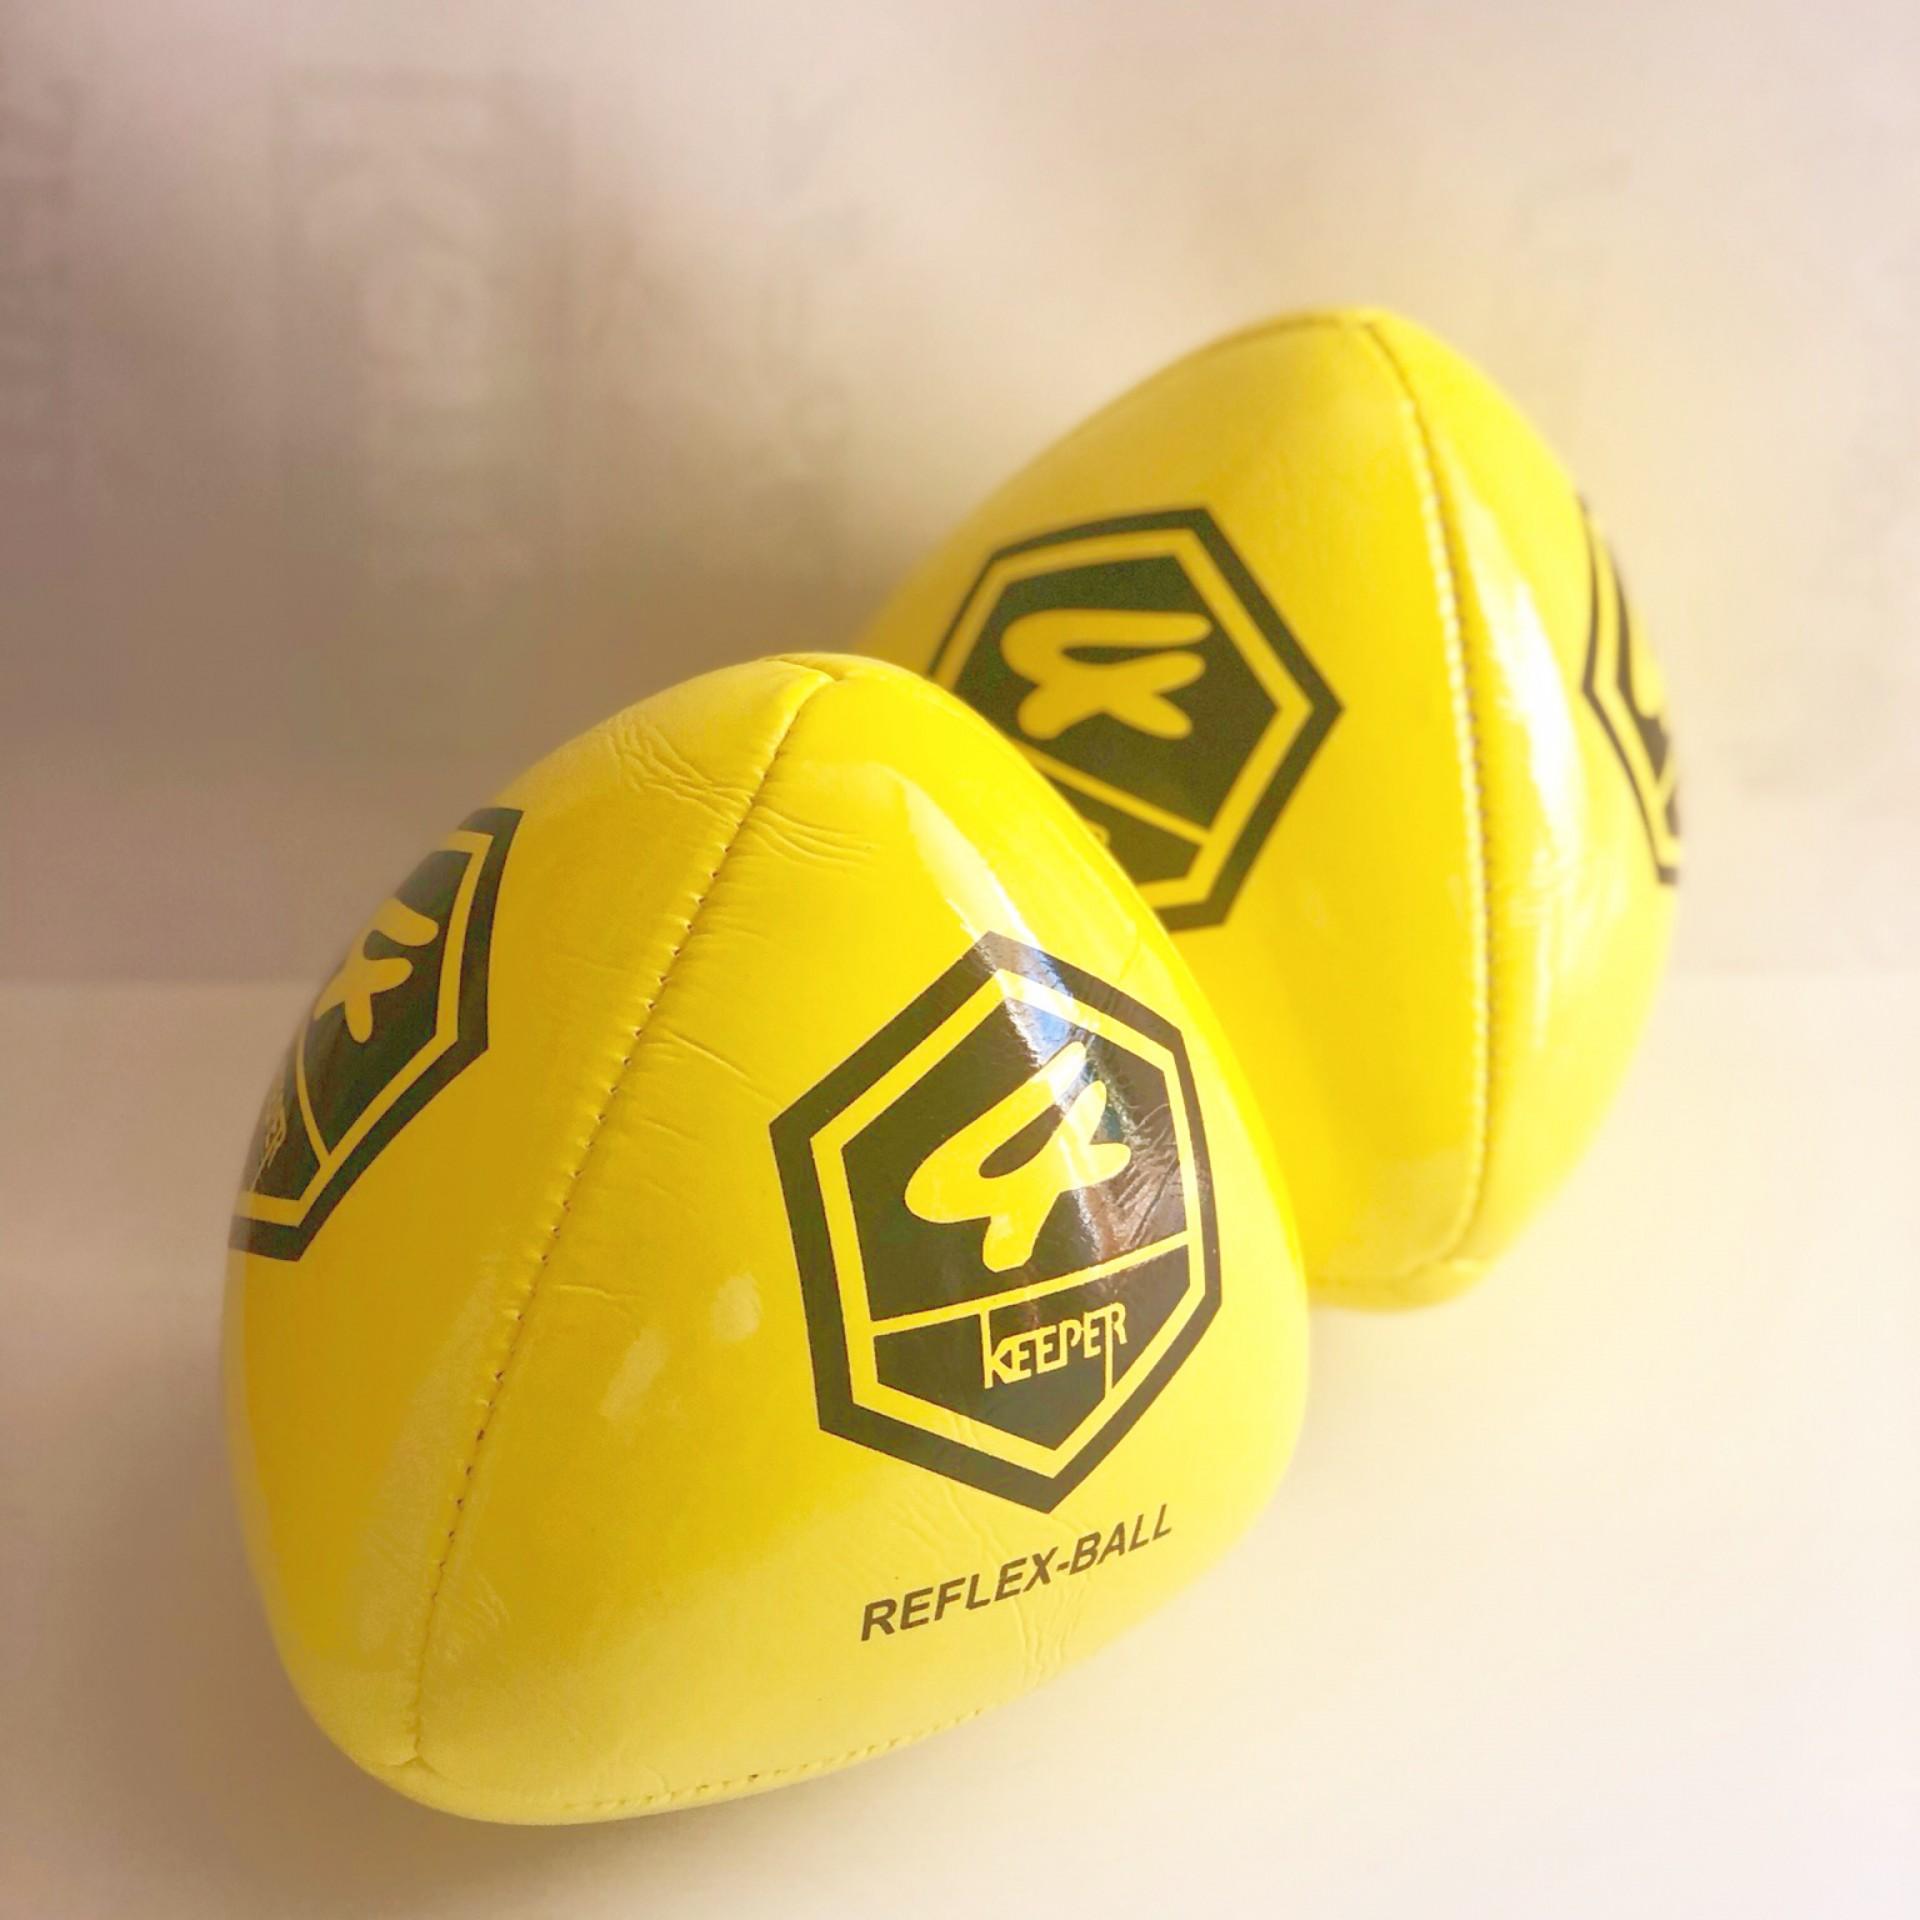 Bola de reflexos ( Pack 2 bolas)